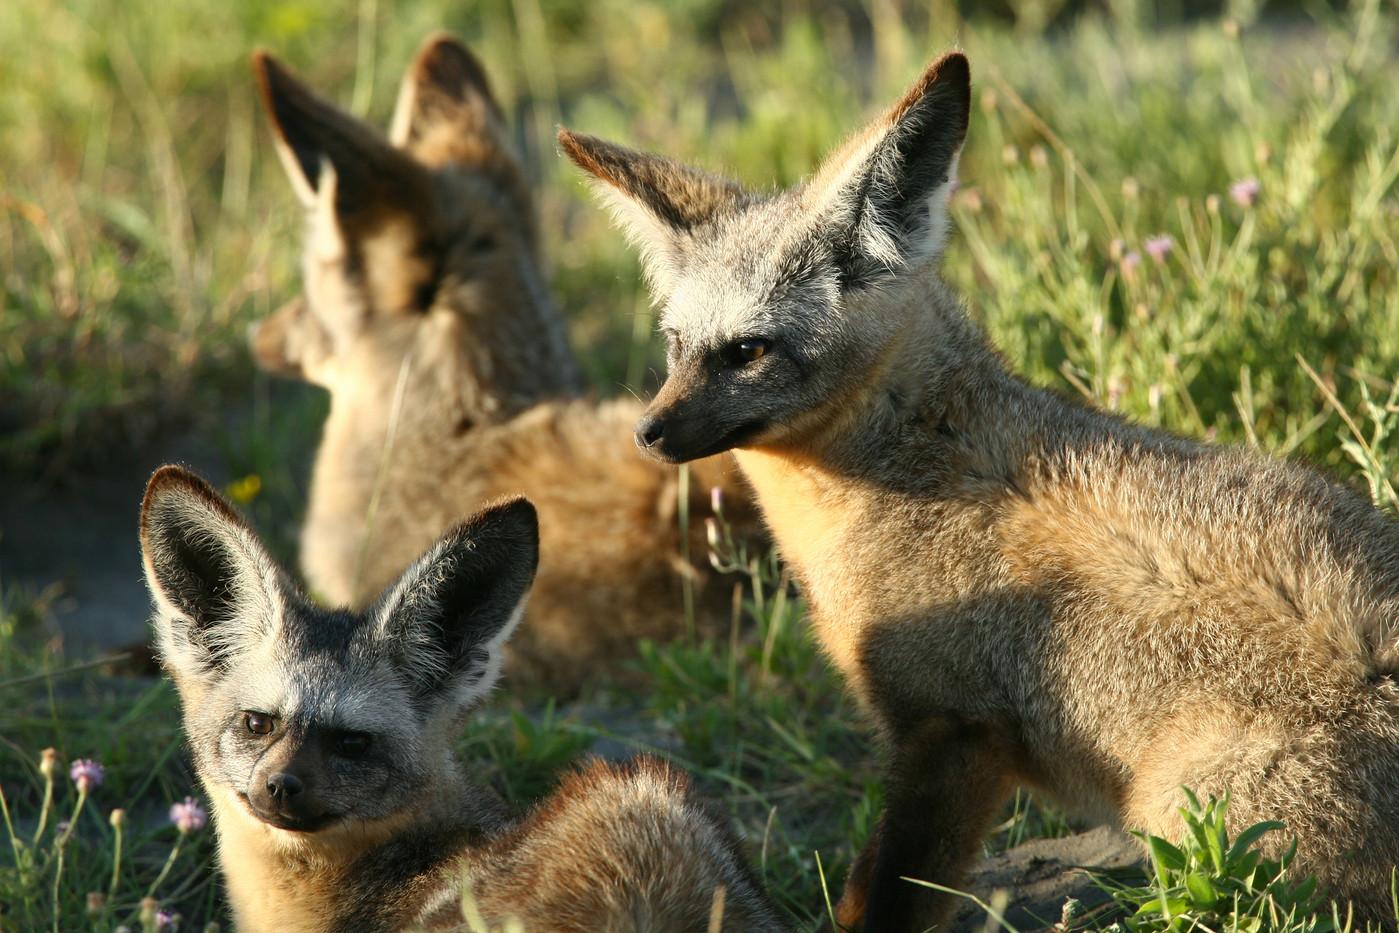 Bat-eared Foxes in the Serengeti NP, Tanzania